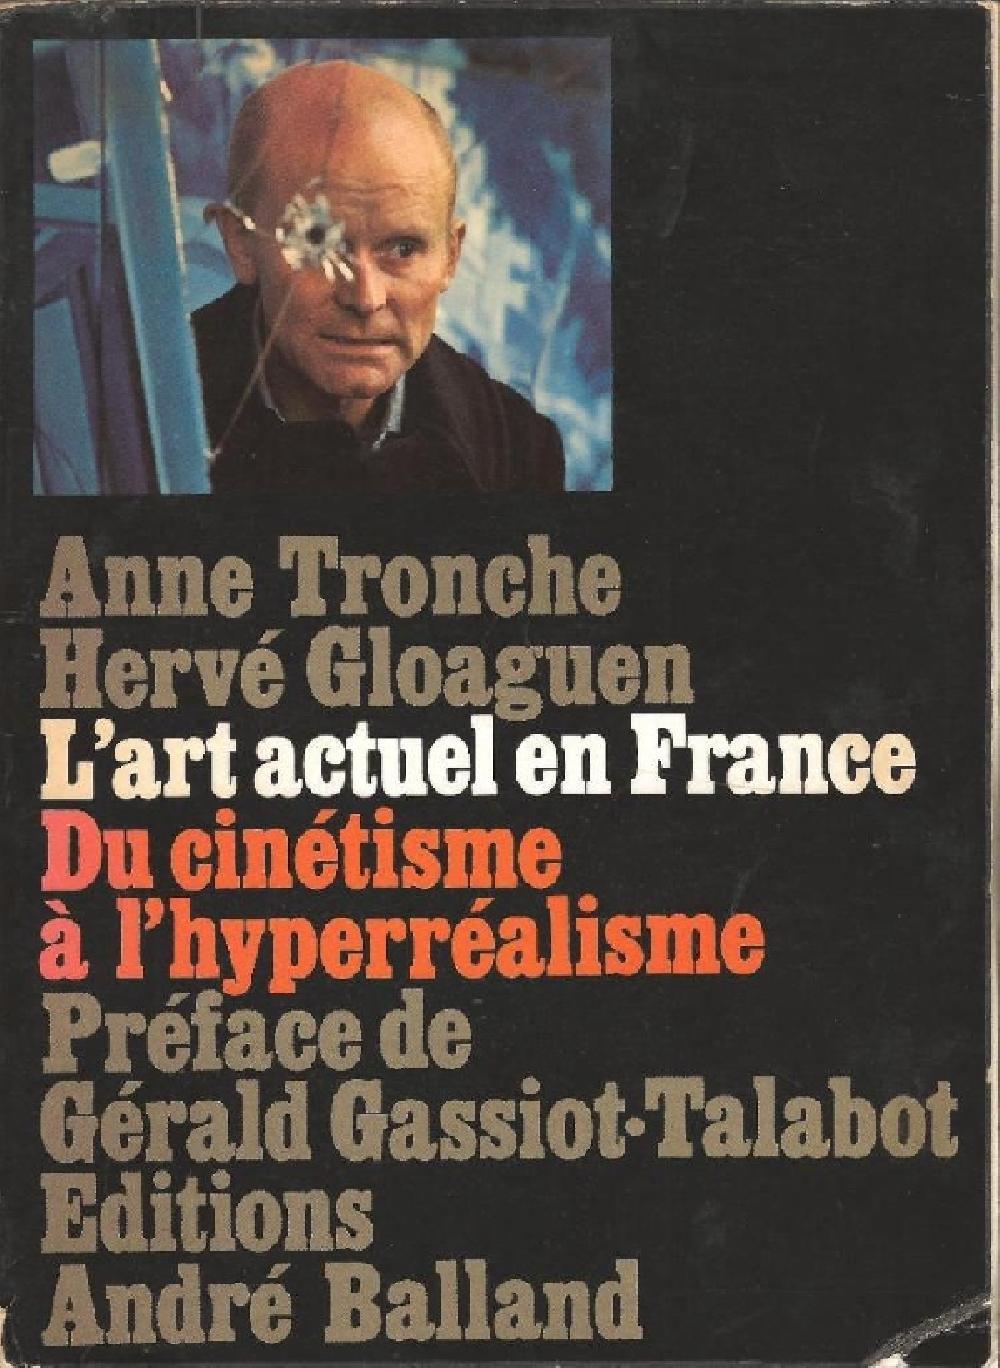 L'art actuel en France